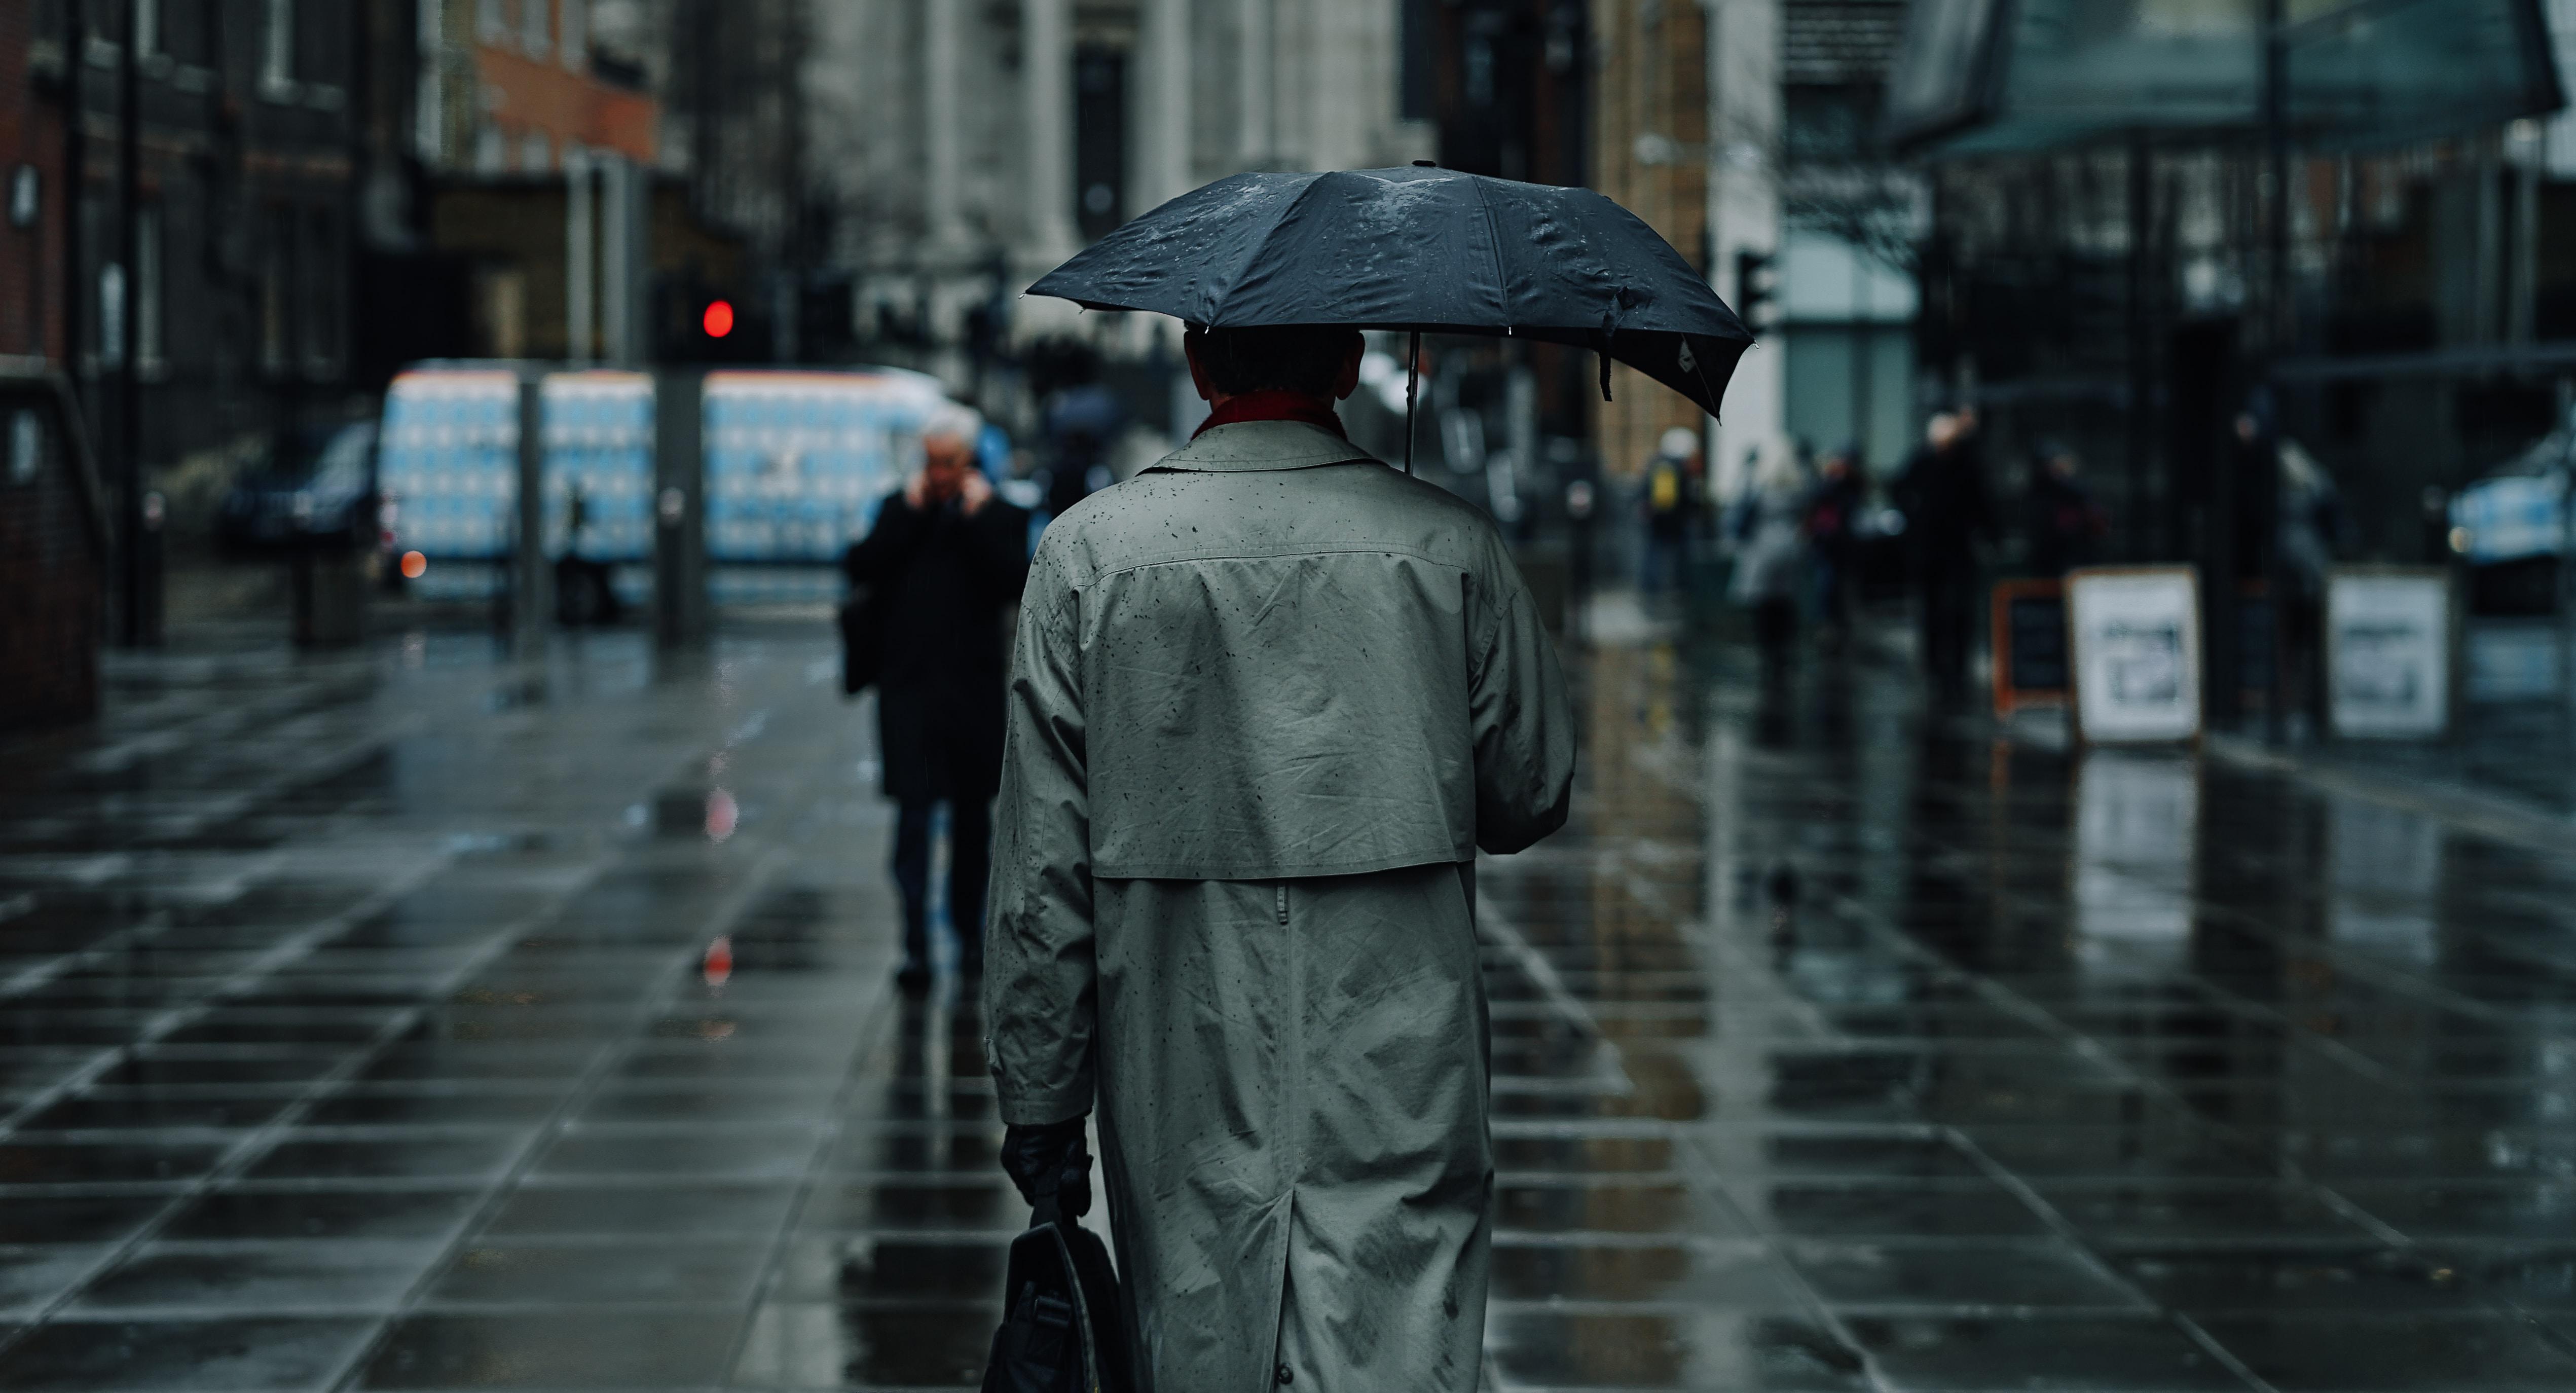 risk-assessment-residual-risk-umbrella-london-uk